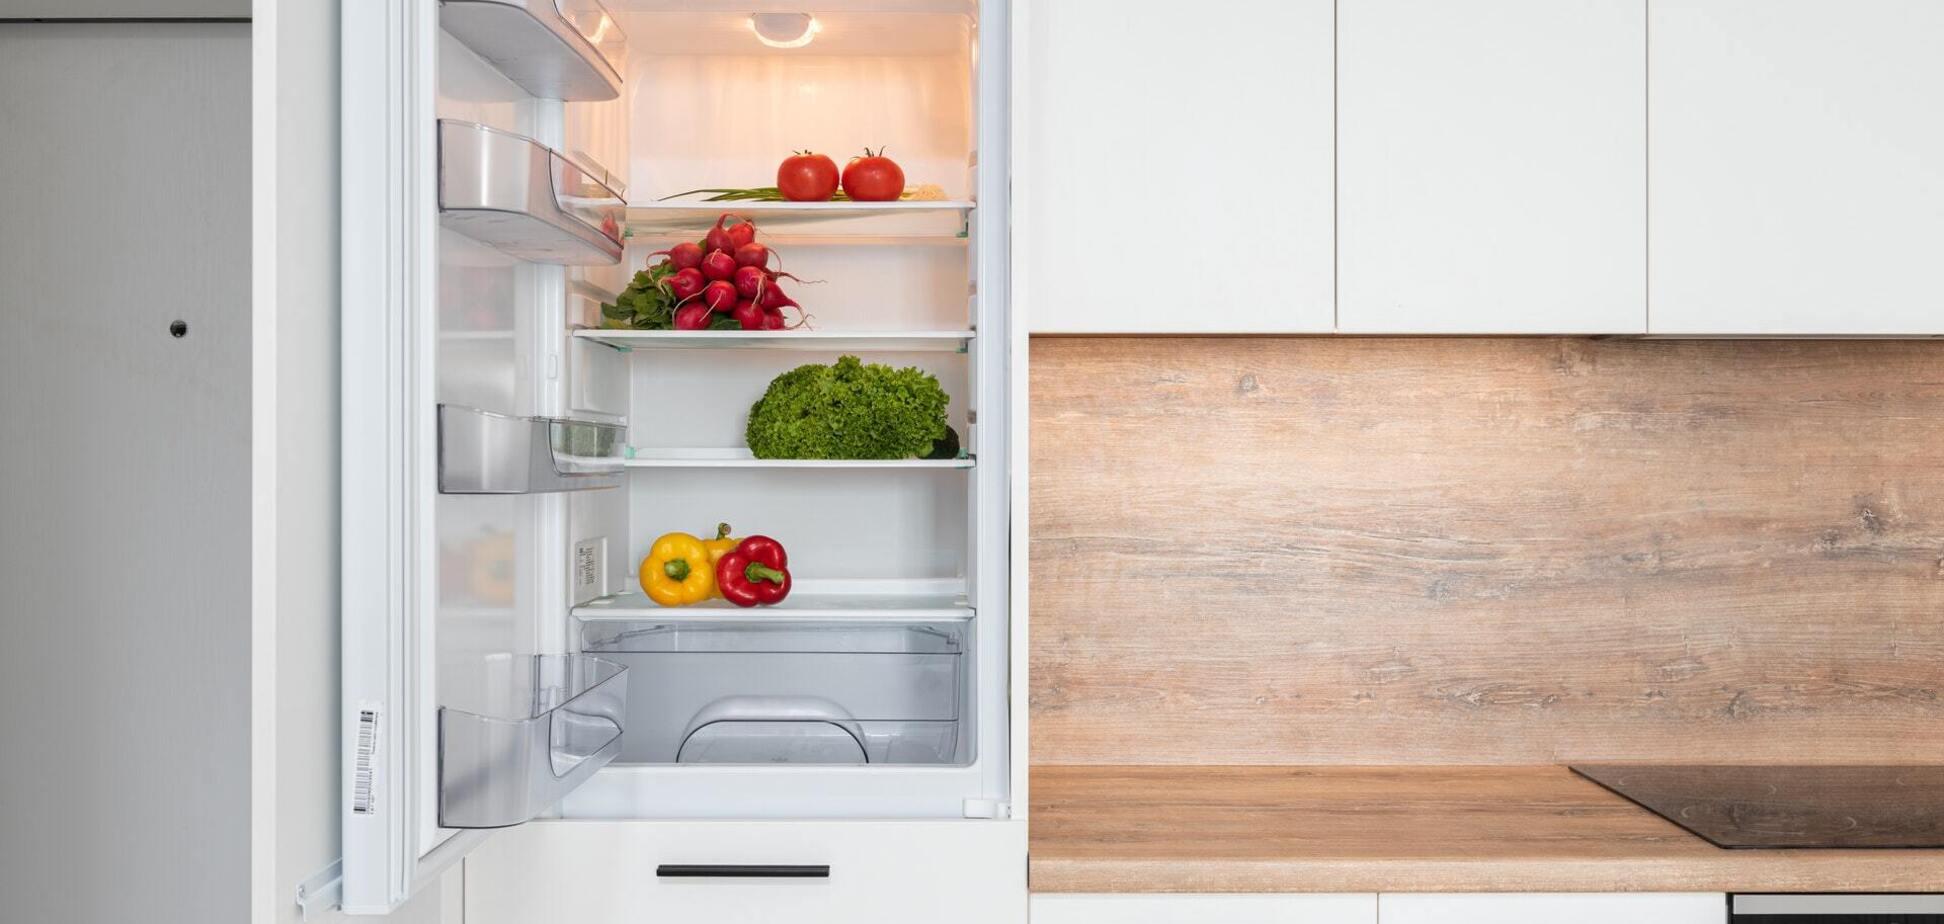 Лайфхак для прибирання холодильника